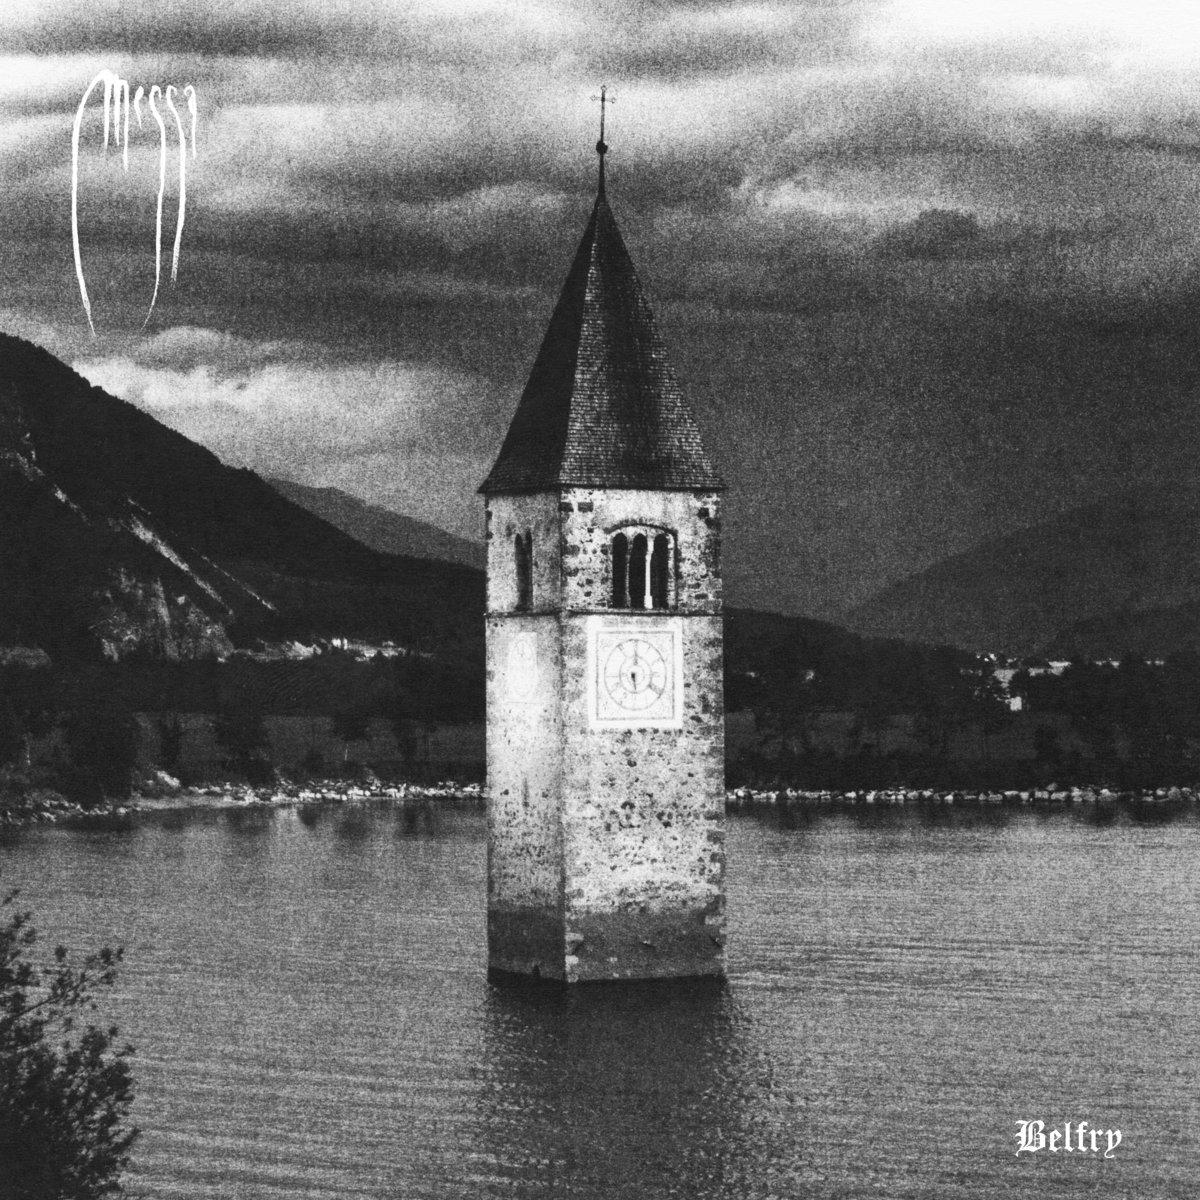 'Belfry' von der Kapelle 'Messa' (2016)